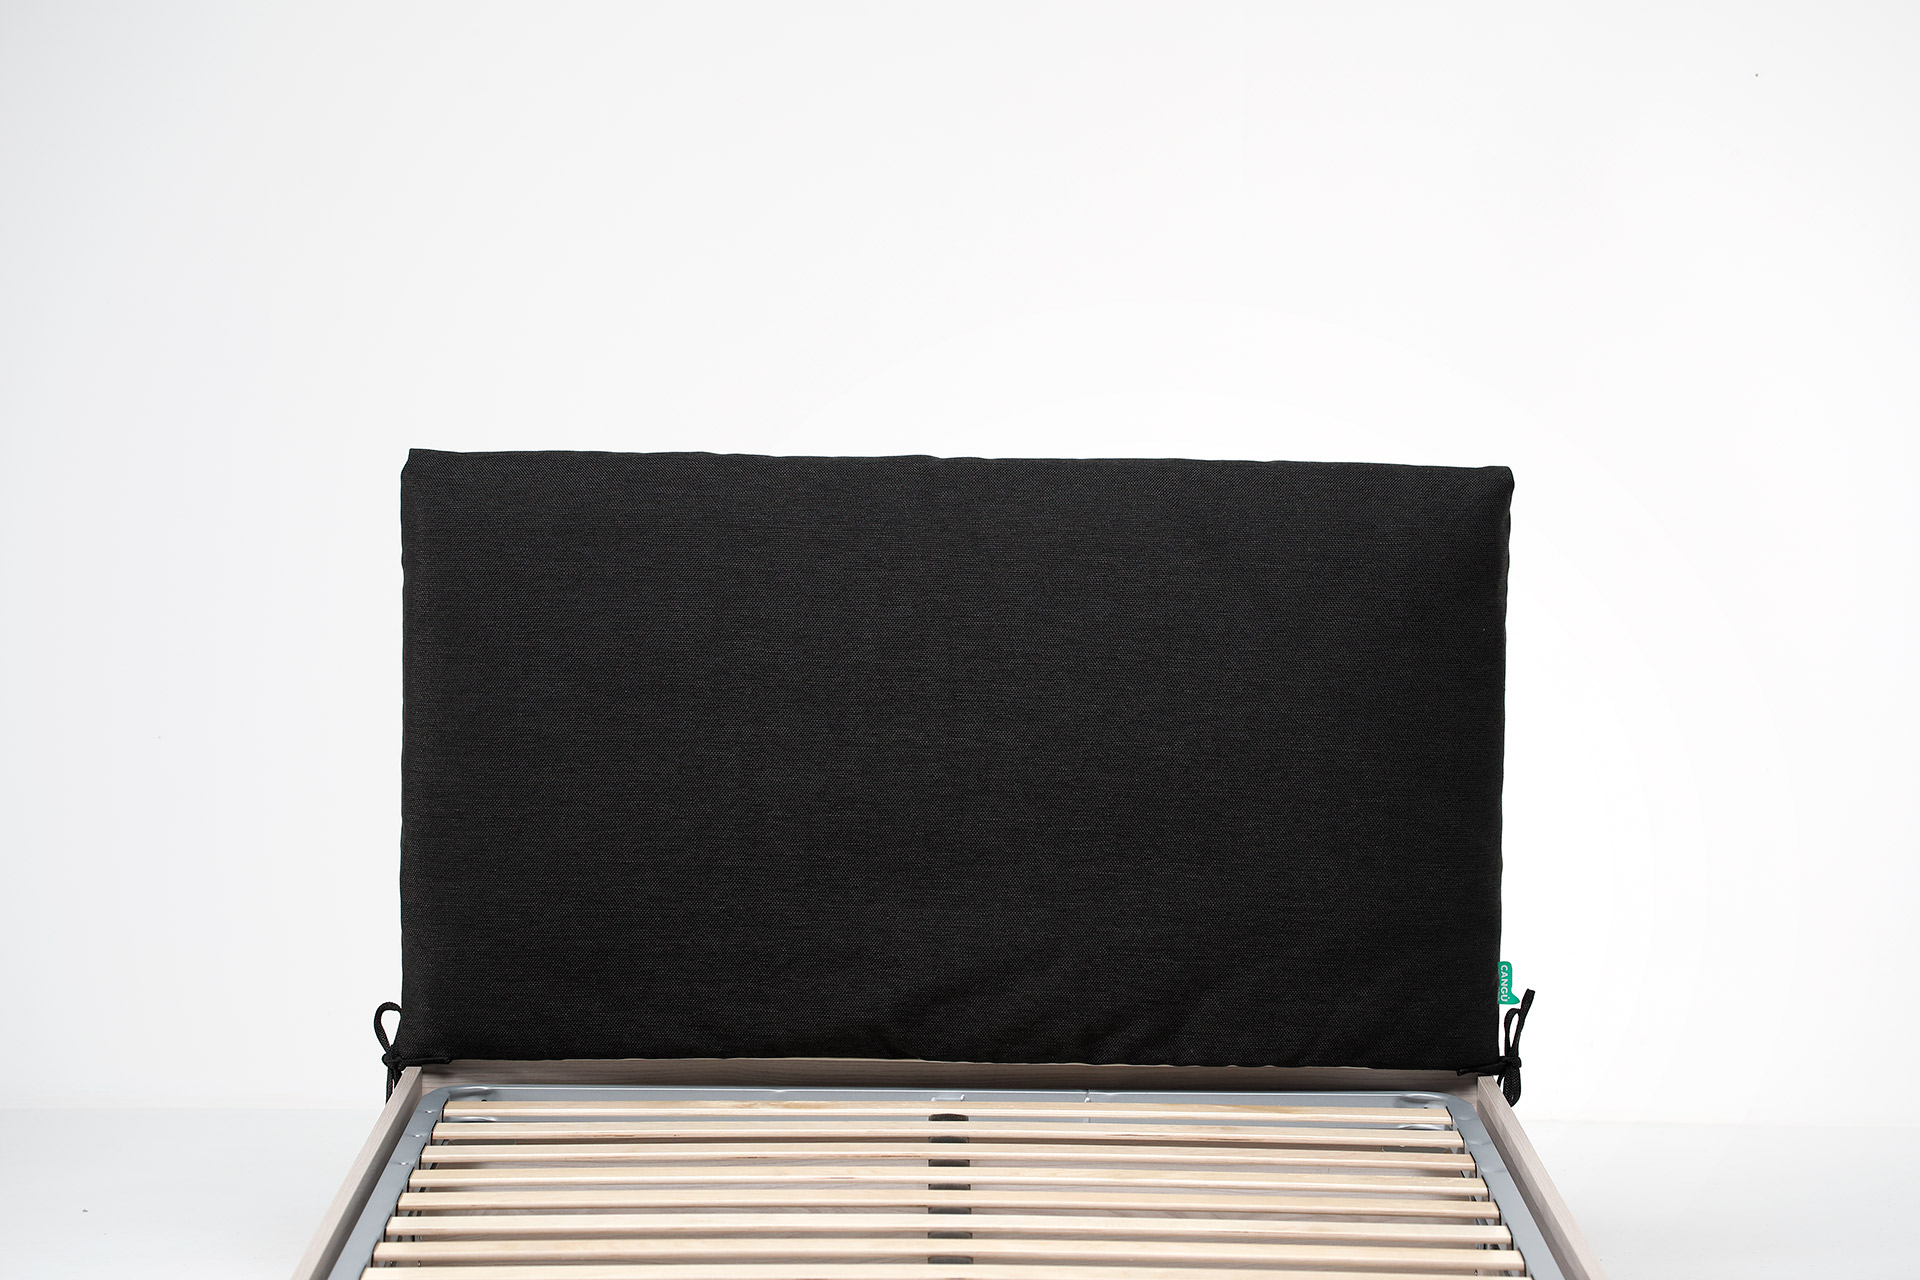 Cuscino testata del letto contenitore con larghezza 120 cm - Cuscino testata letto ...